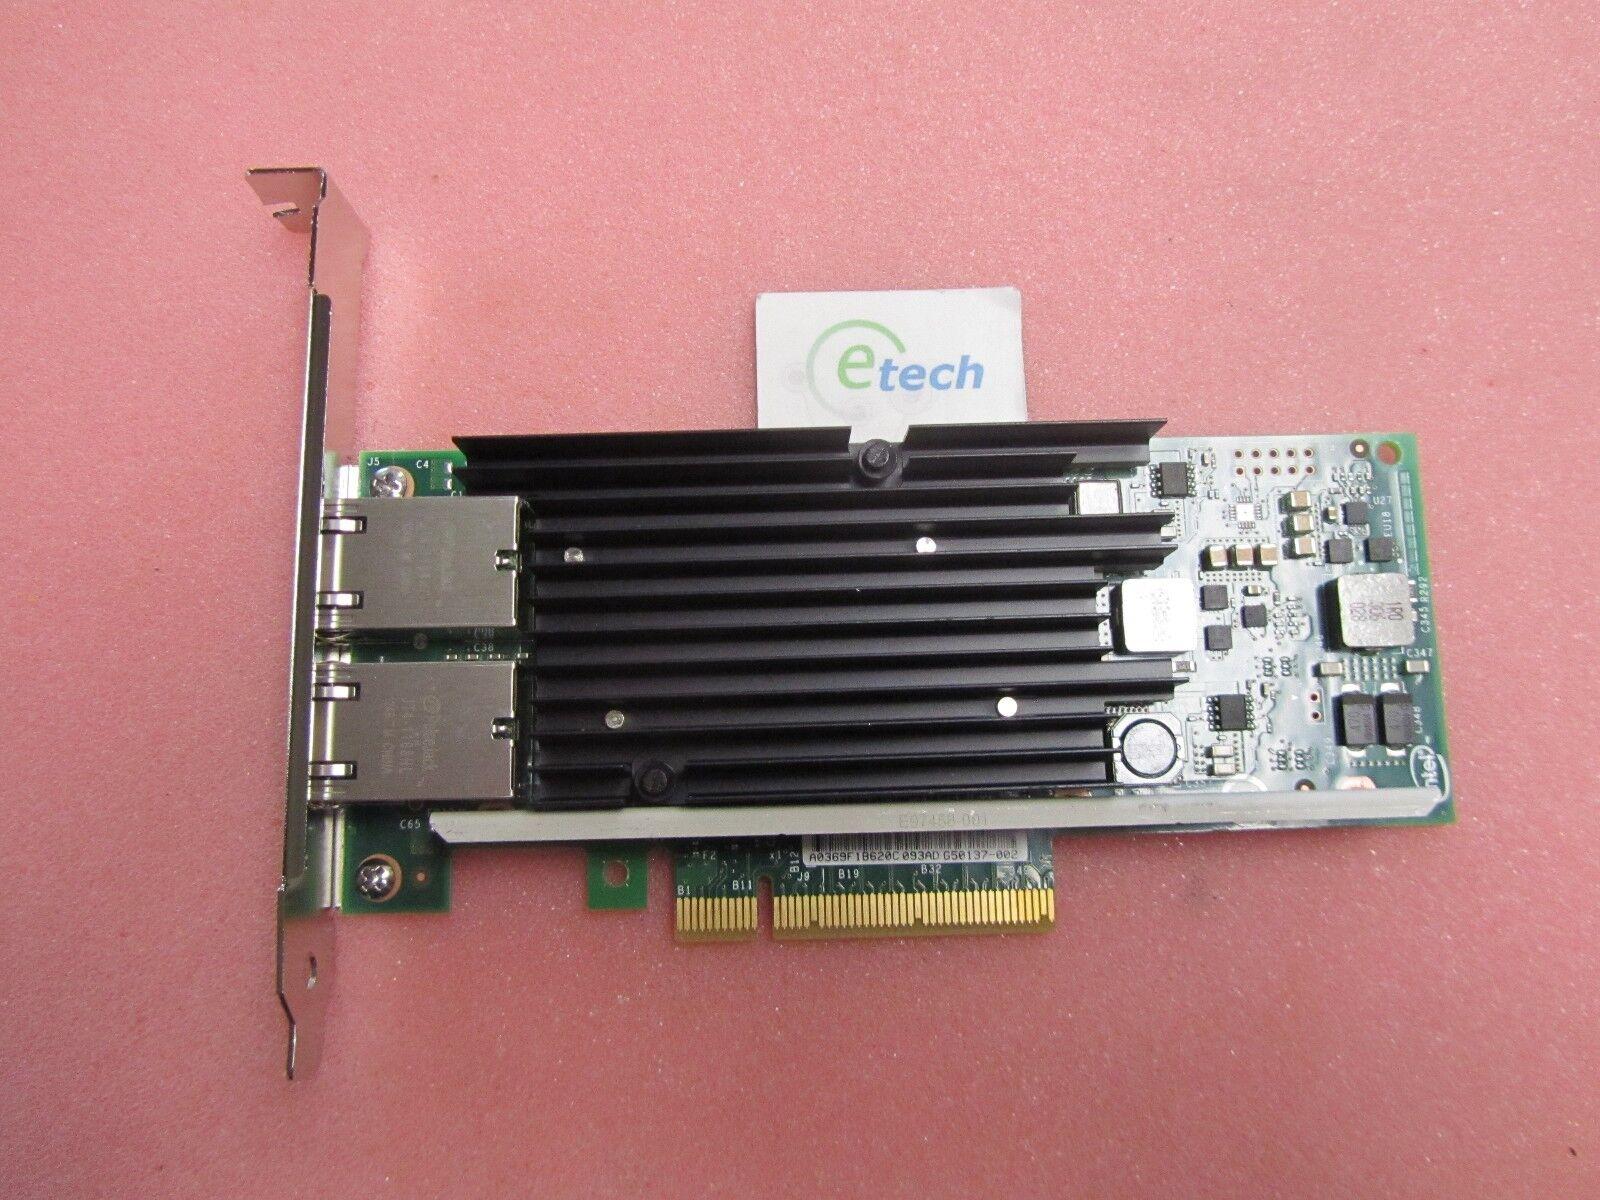 49Y7970 FRU 49Y7972 - Intel X540-T2 Dual-Port 10GBaseT Adapter for IBM System x